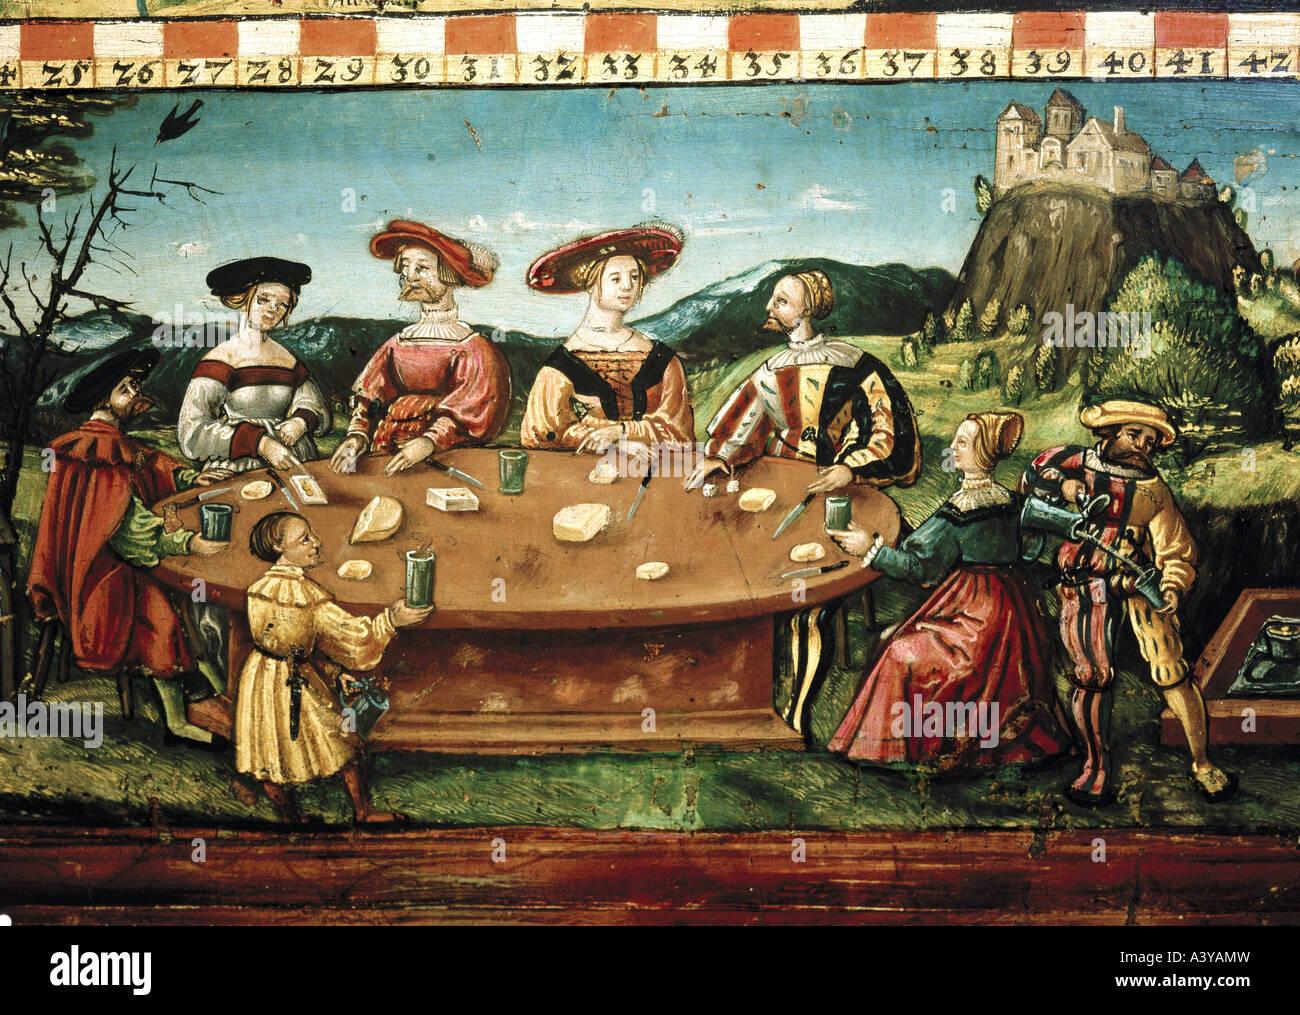 Künstler München Maler bildende kunst malerei essen unbekannter künstler